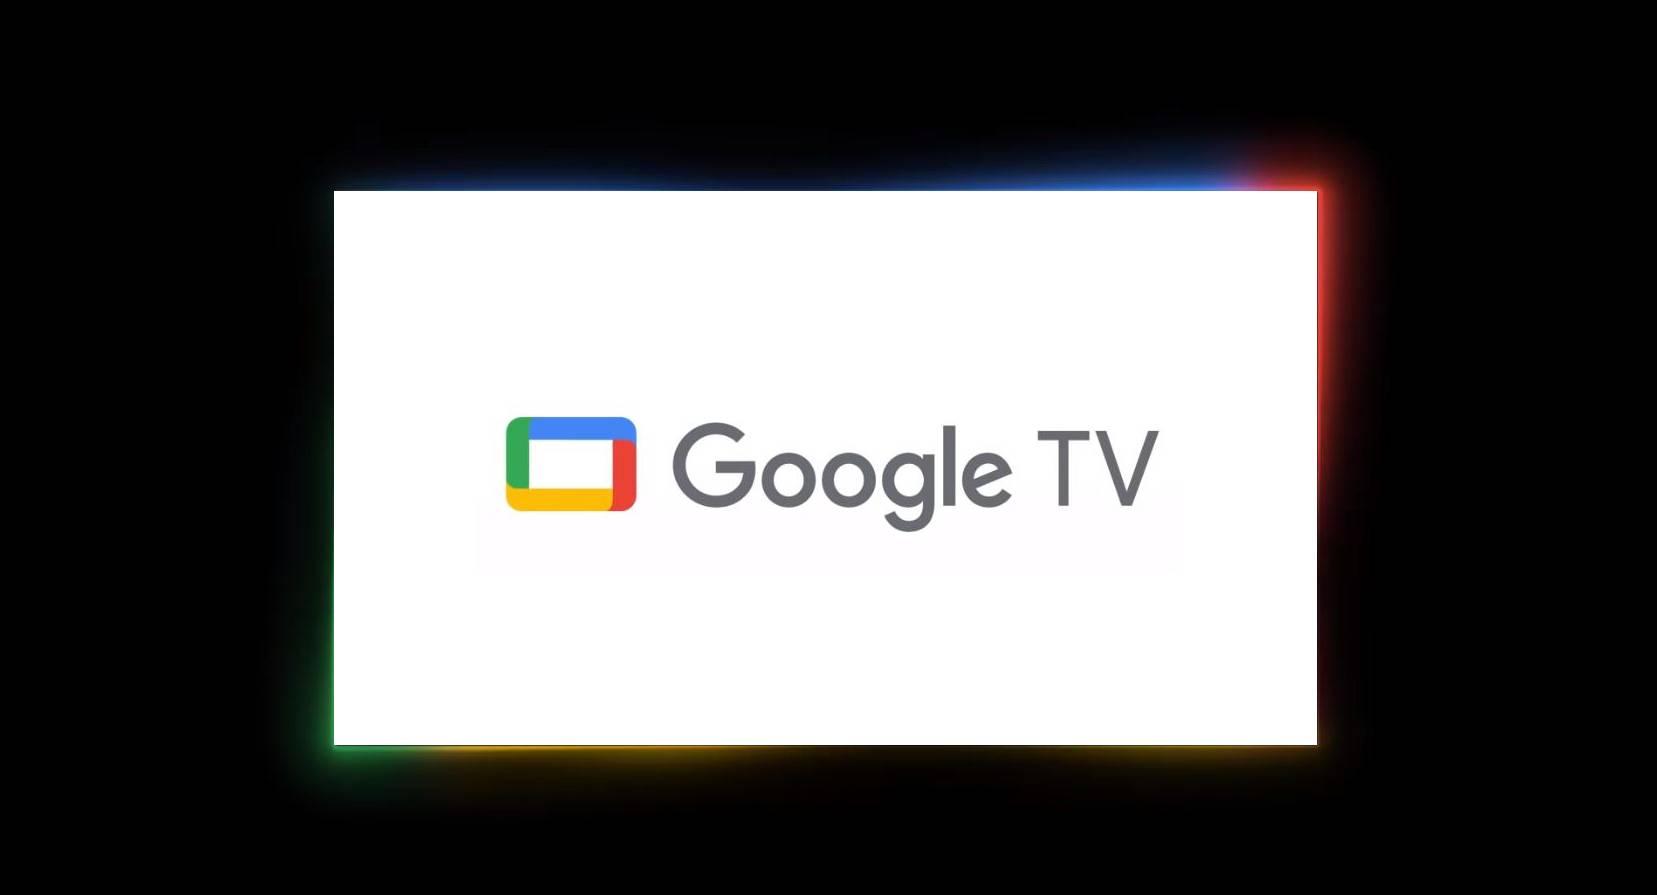 Noch nicht jetzt, aber irgendwann: Google TV bekommt vermisste Mehr-Benutzer-Funktion